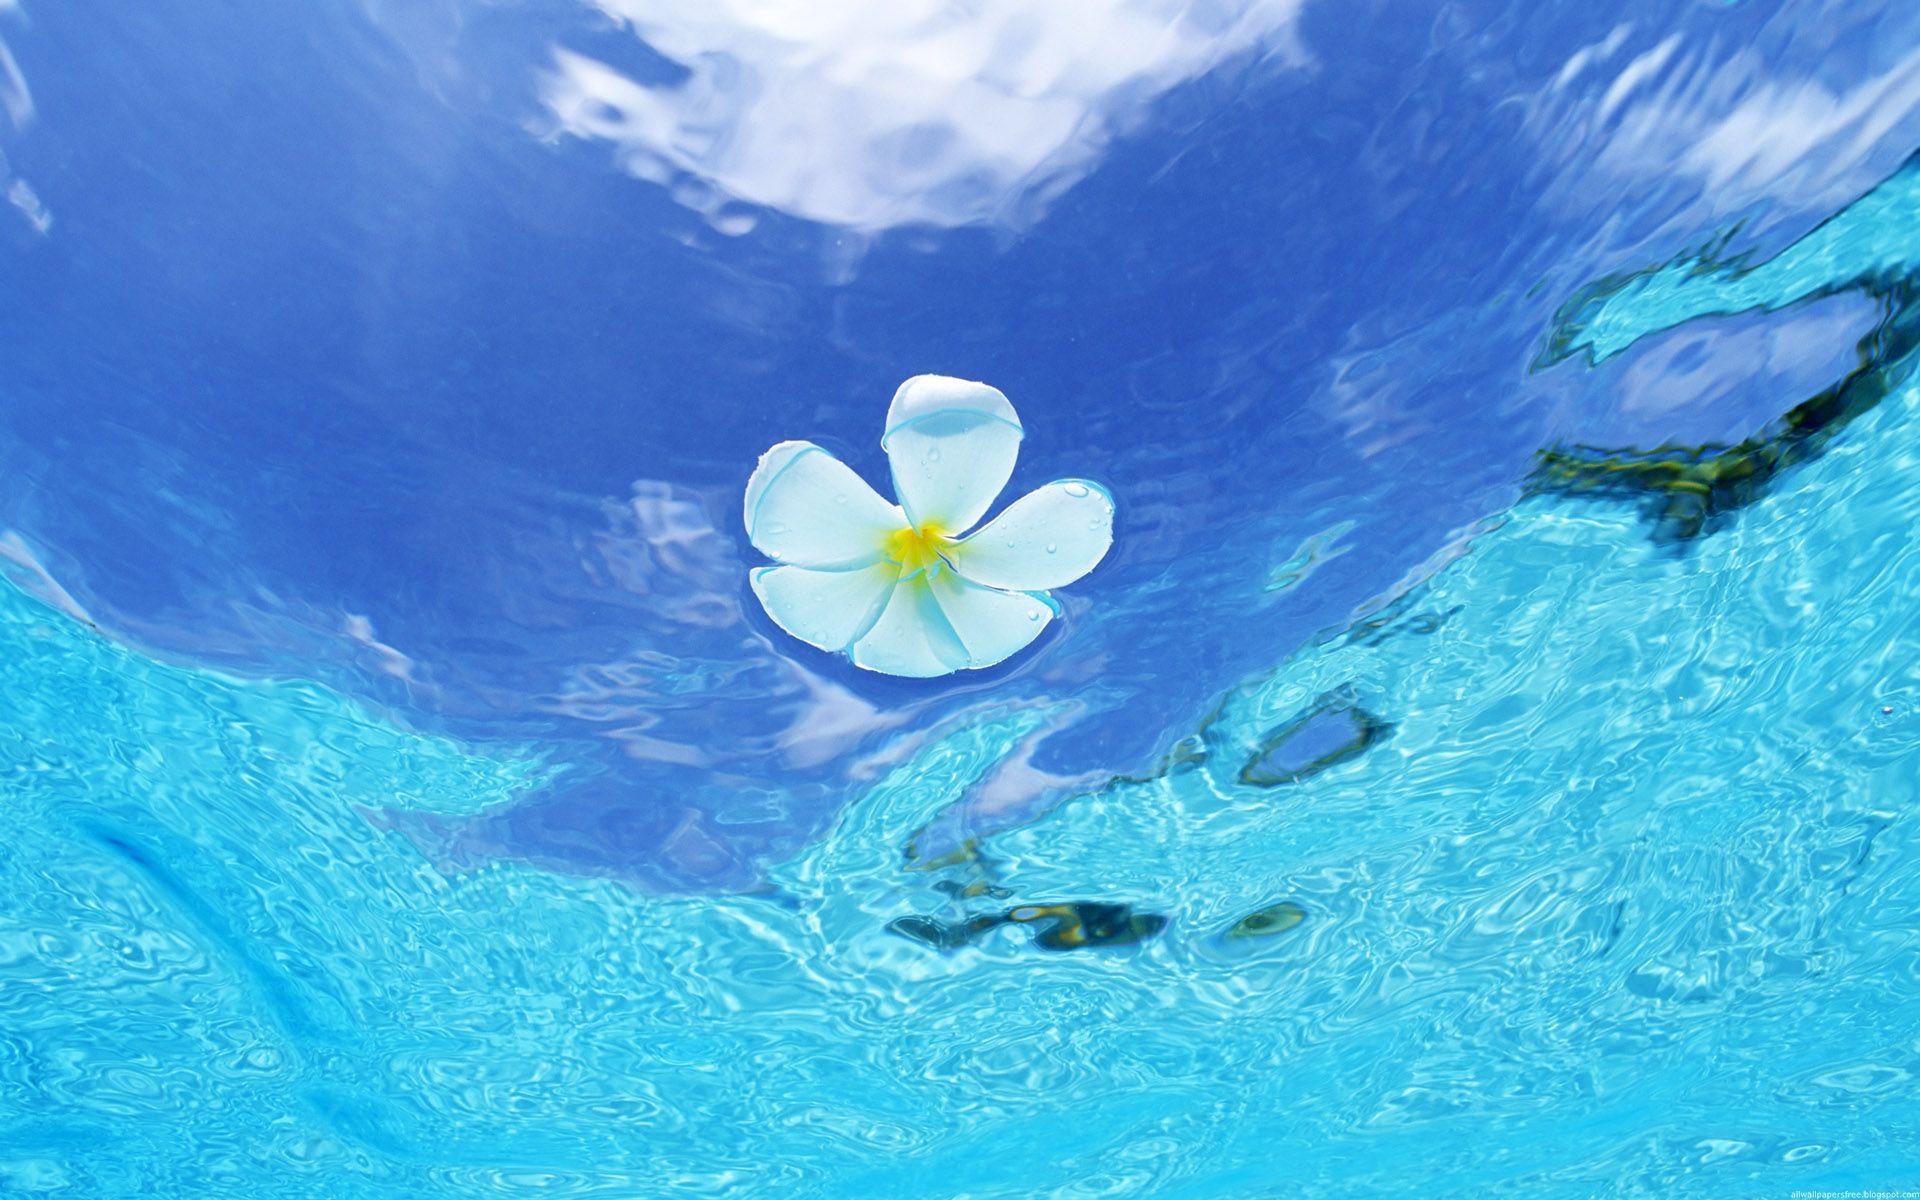 Flower in Blue Water - Wallpaper #219